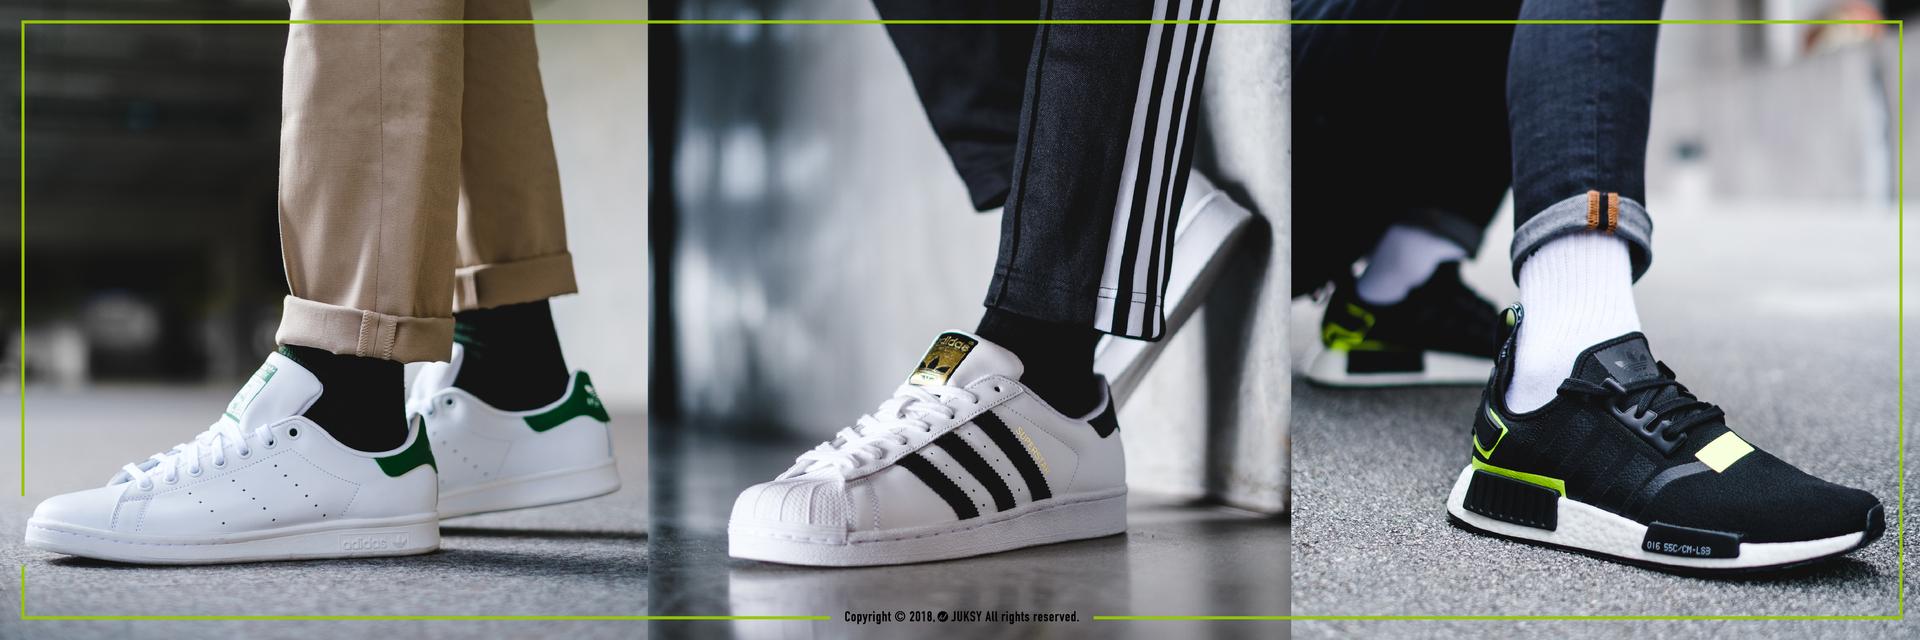 潮流界經典他們制霸!那些 adidas Originals 你不該錯過的 3 雙經典鞋款